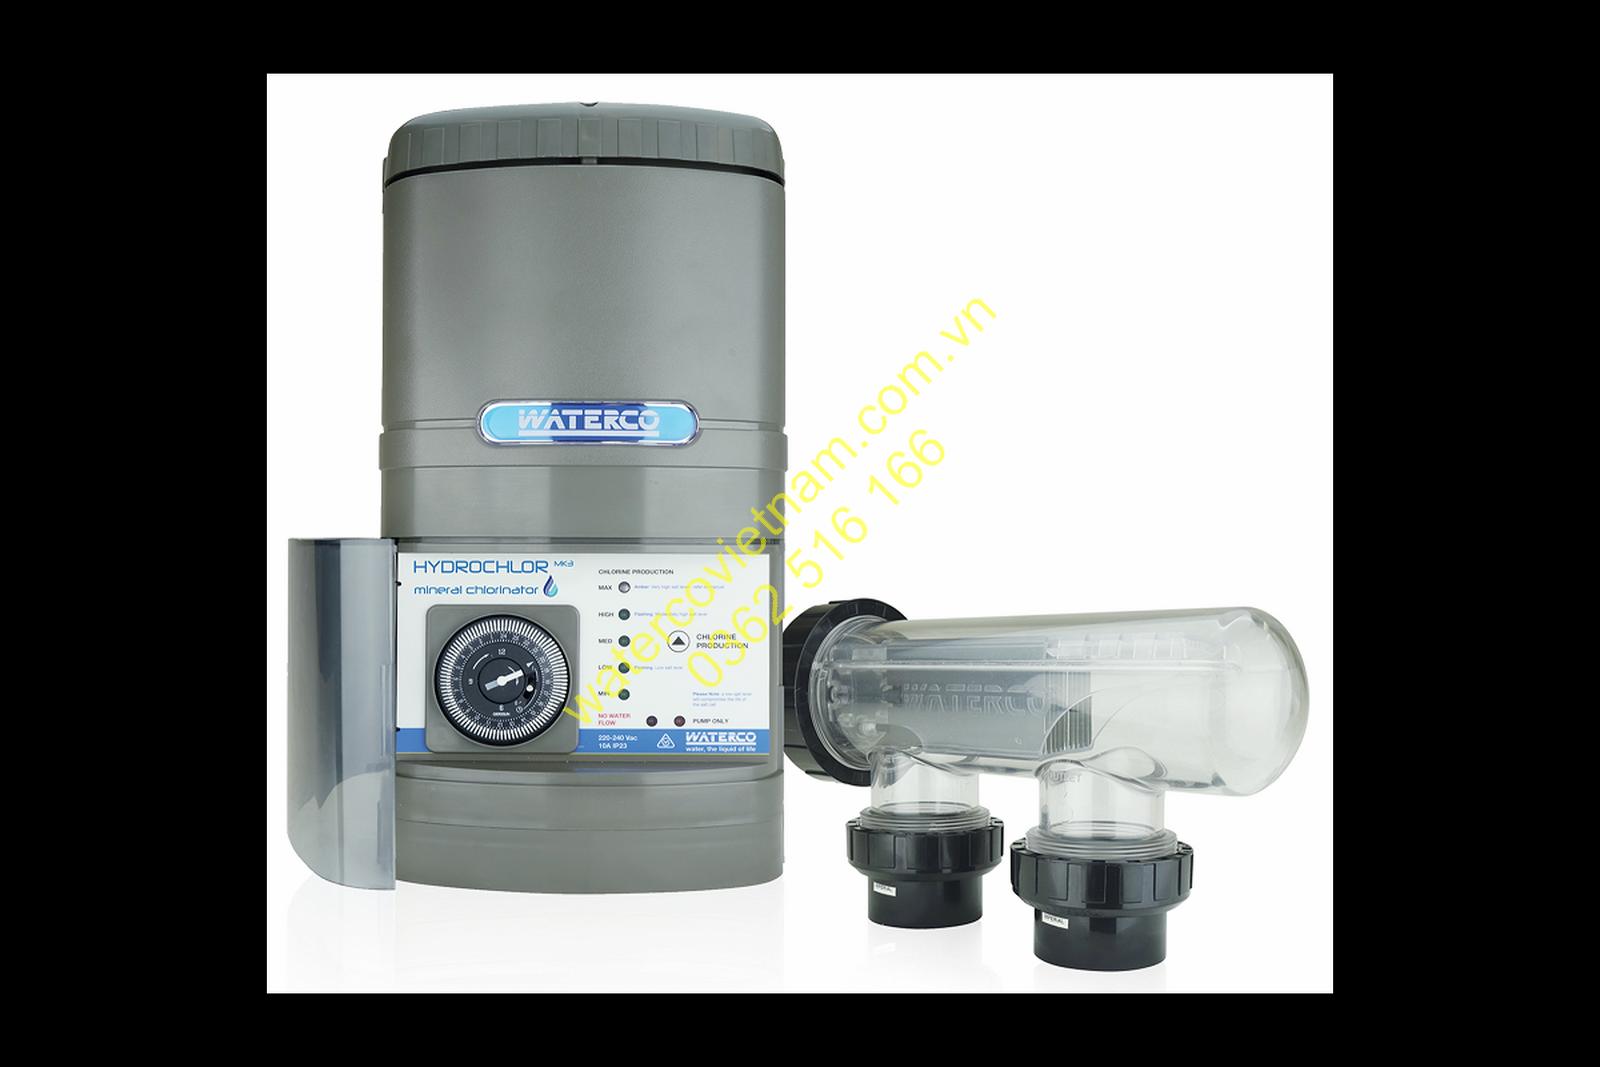 Bộ điện phân hồ bơi Waterco Hydrochlor MK3 2000